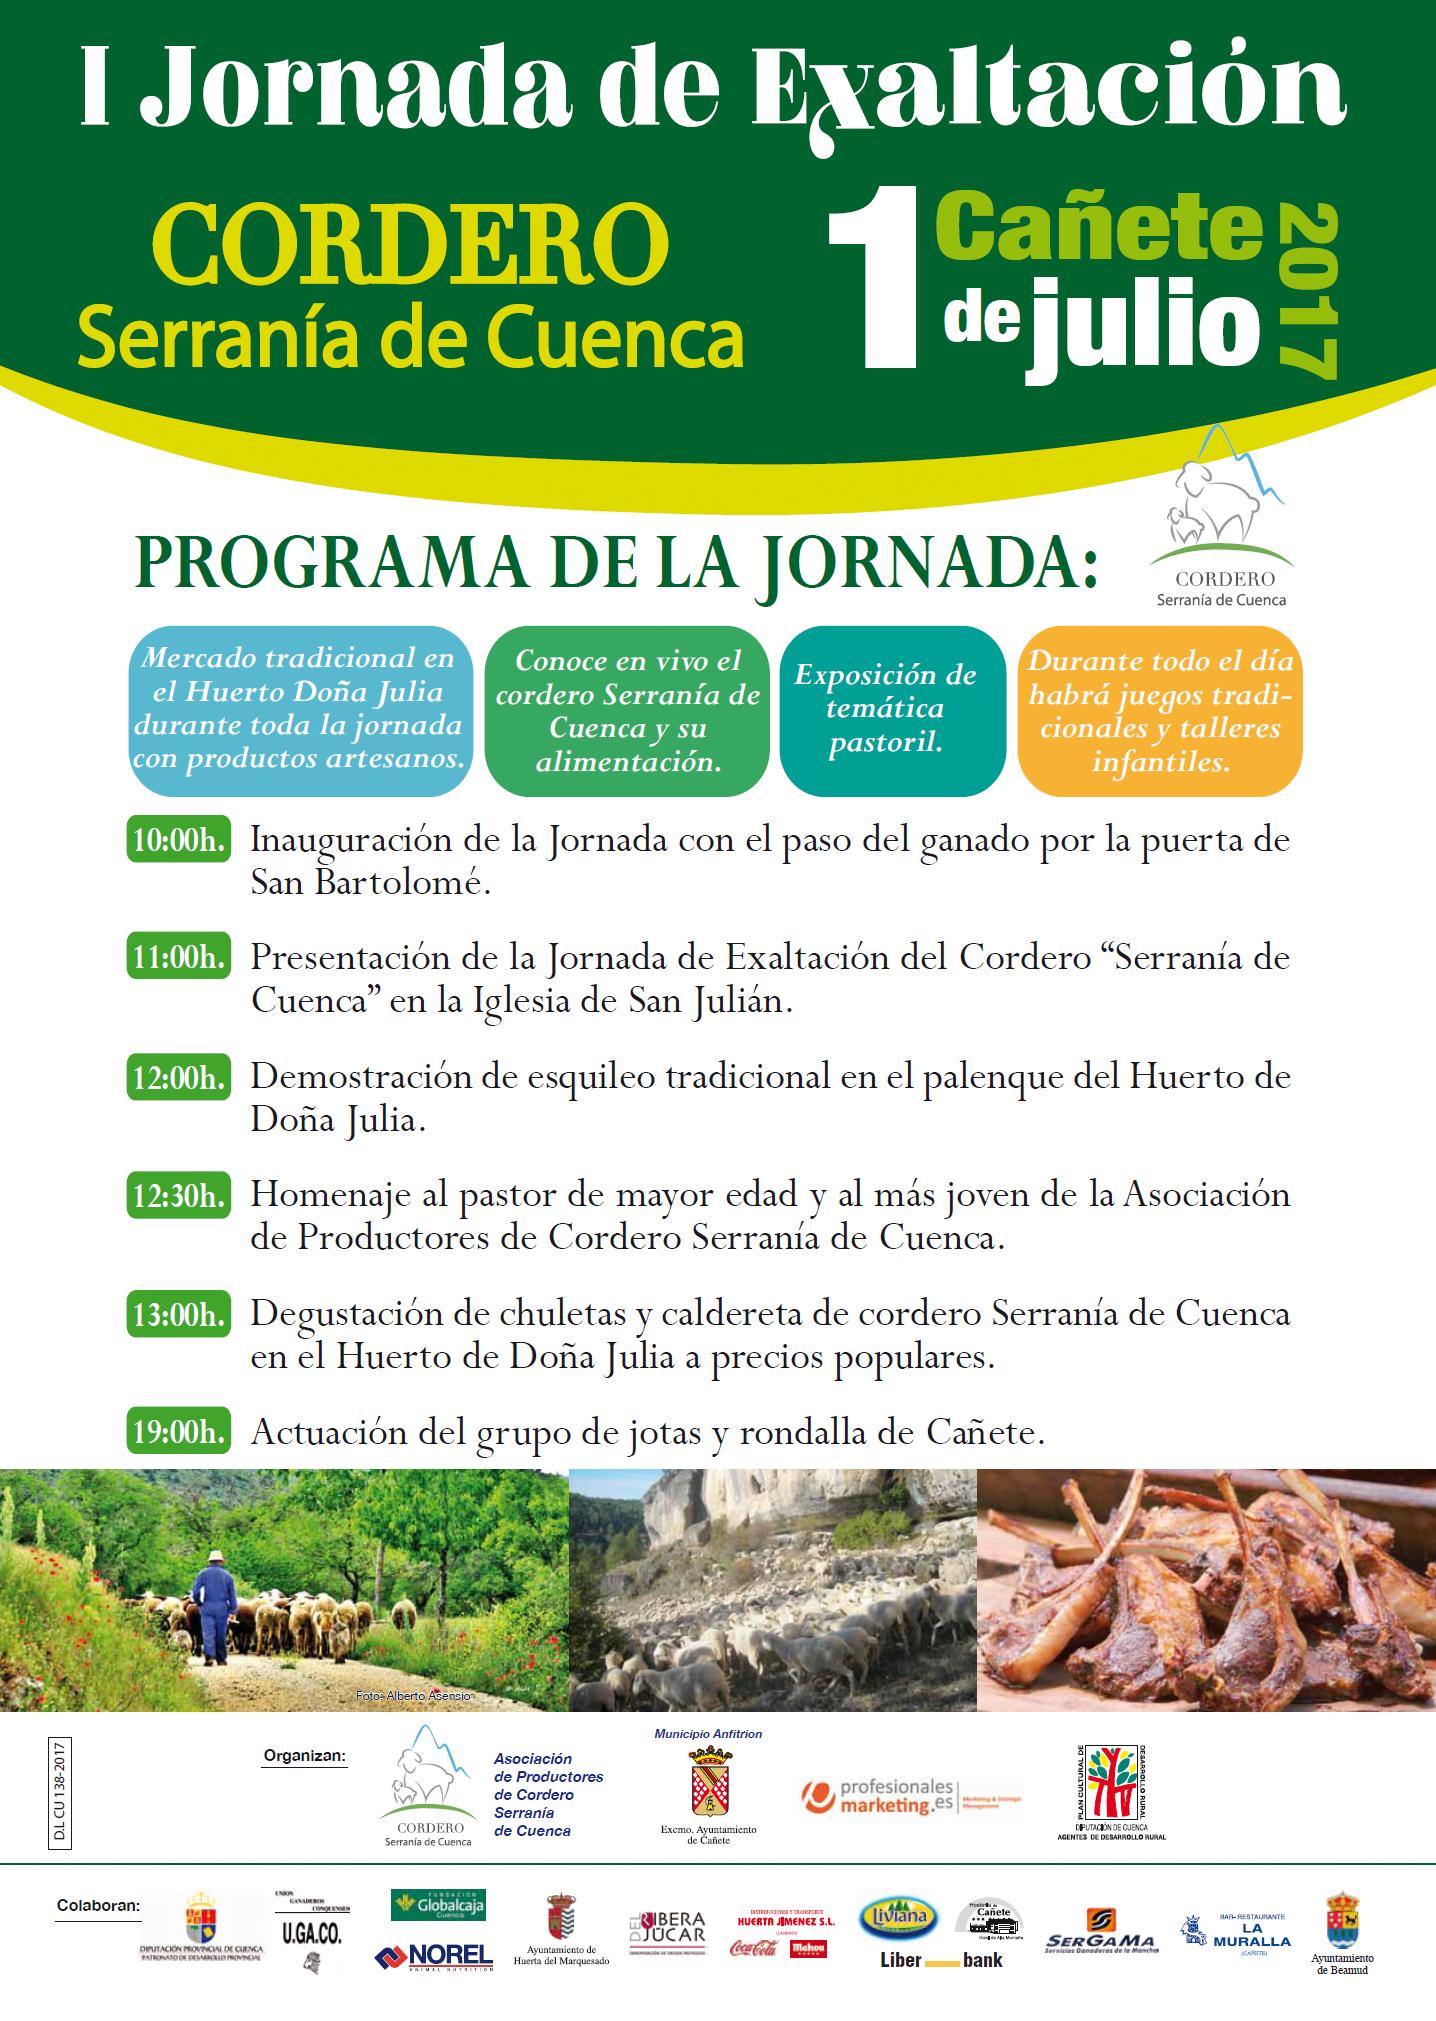 Jornadas Exaltación Cordero Serranía de Cuenca